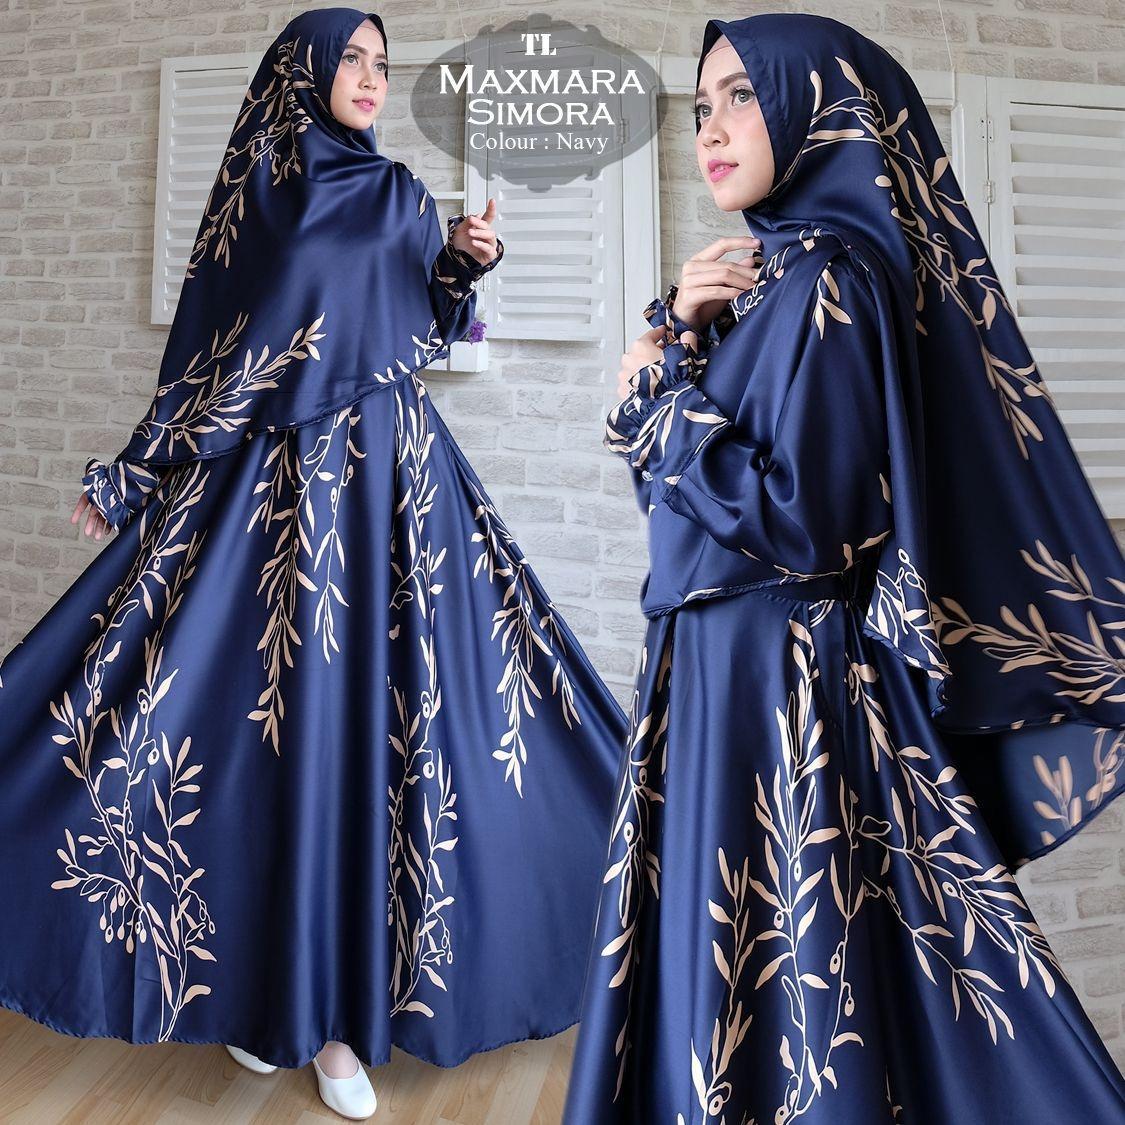 Murah Baju Original Gamis Habibah Syari Dress Panjang Muslim Monalisa Merah Ut Tl Bagindo Collection Jumbo Simora